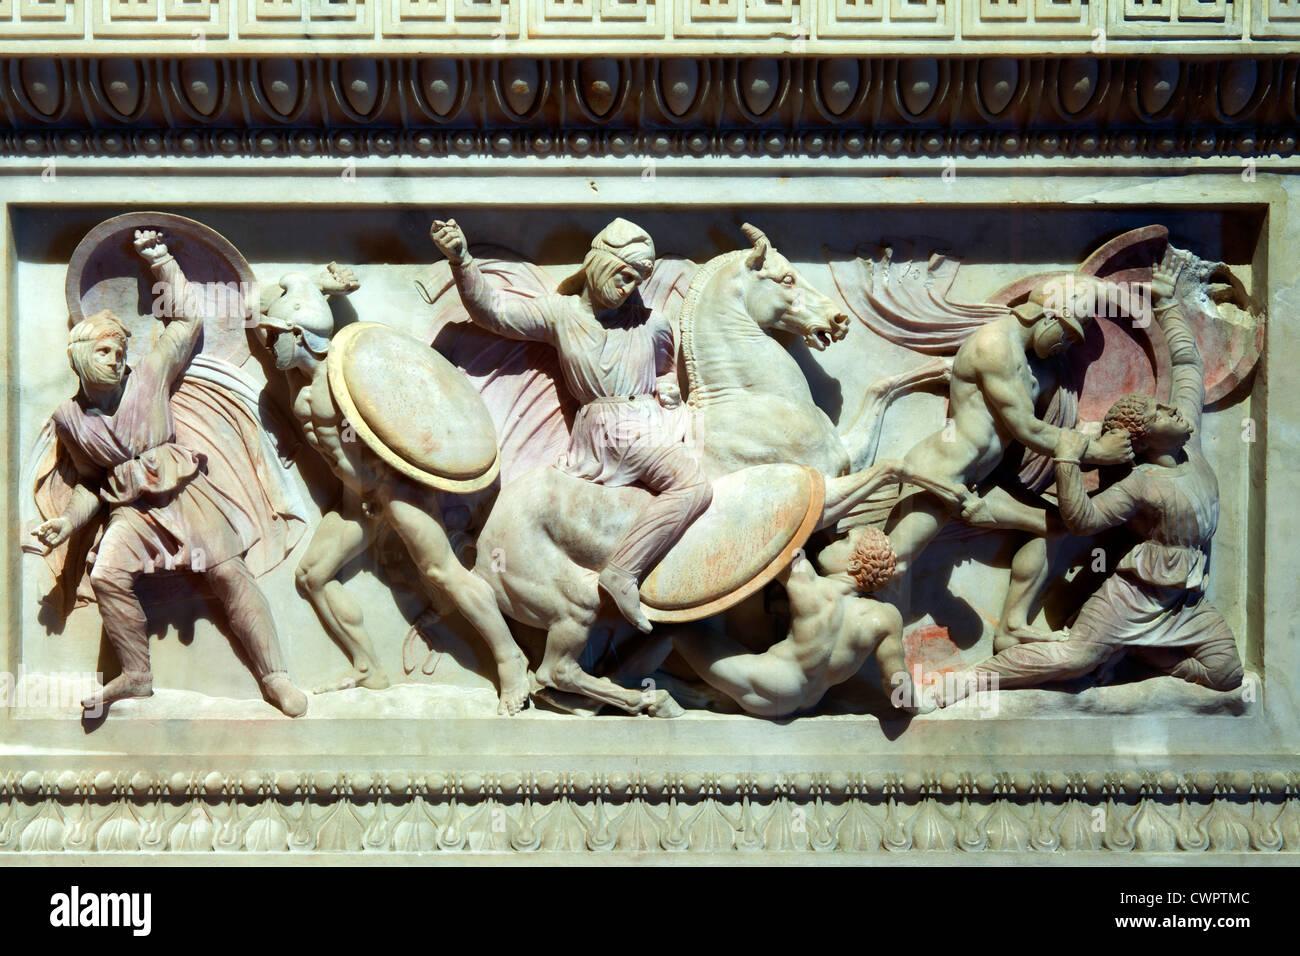 Türkei, Istanbul, Sultanahmet,  Alexandersarkophag im Archäologischen Museum.  Darstellung Kampf gegen - Stock Image